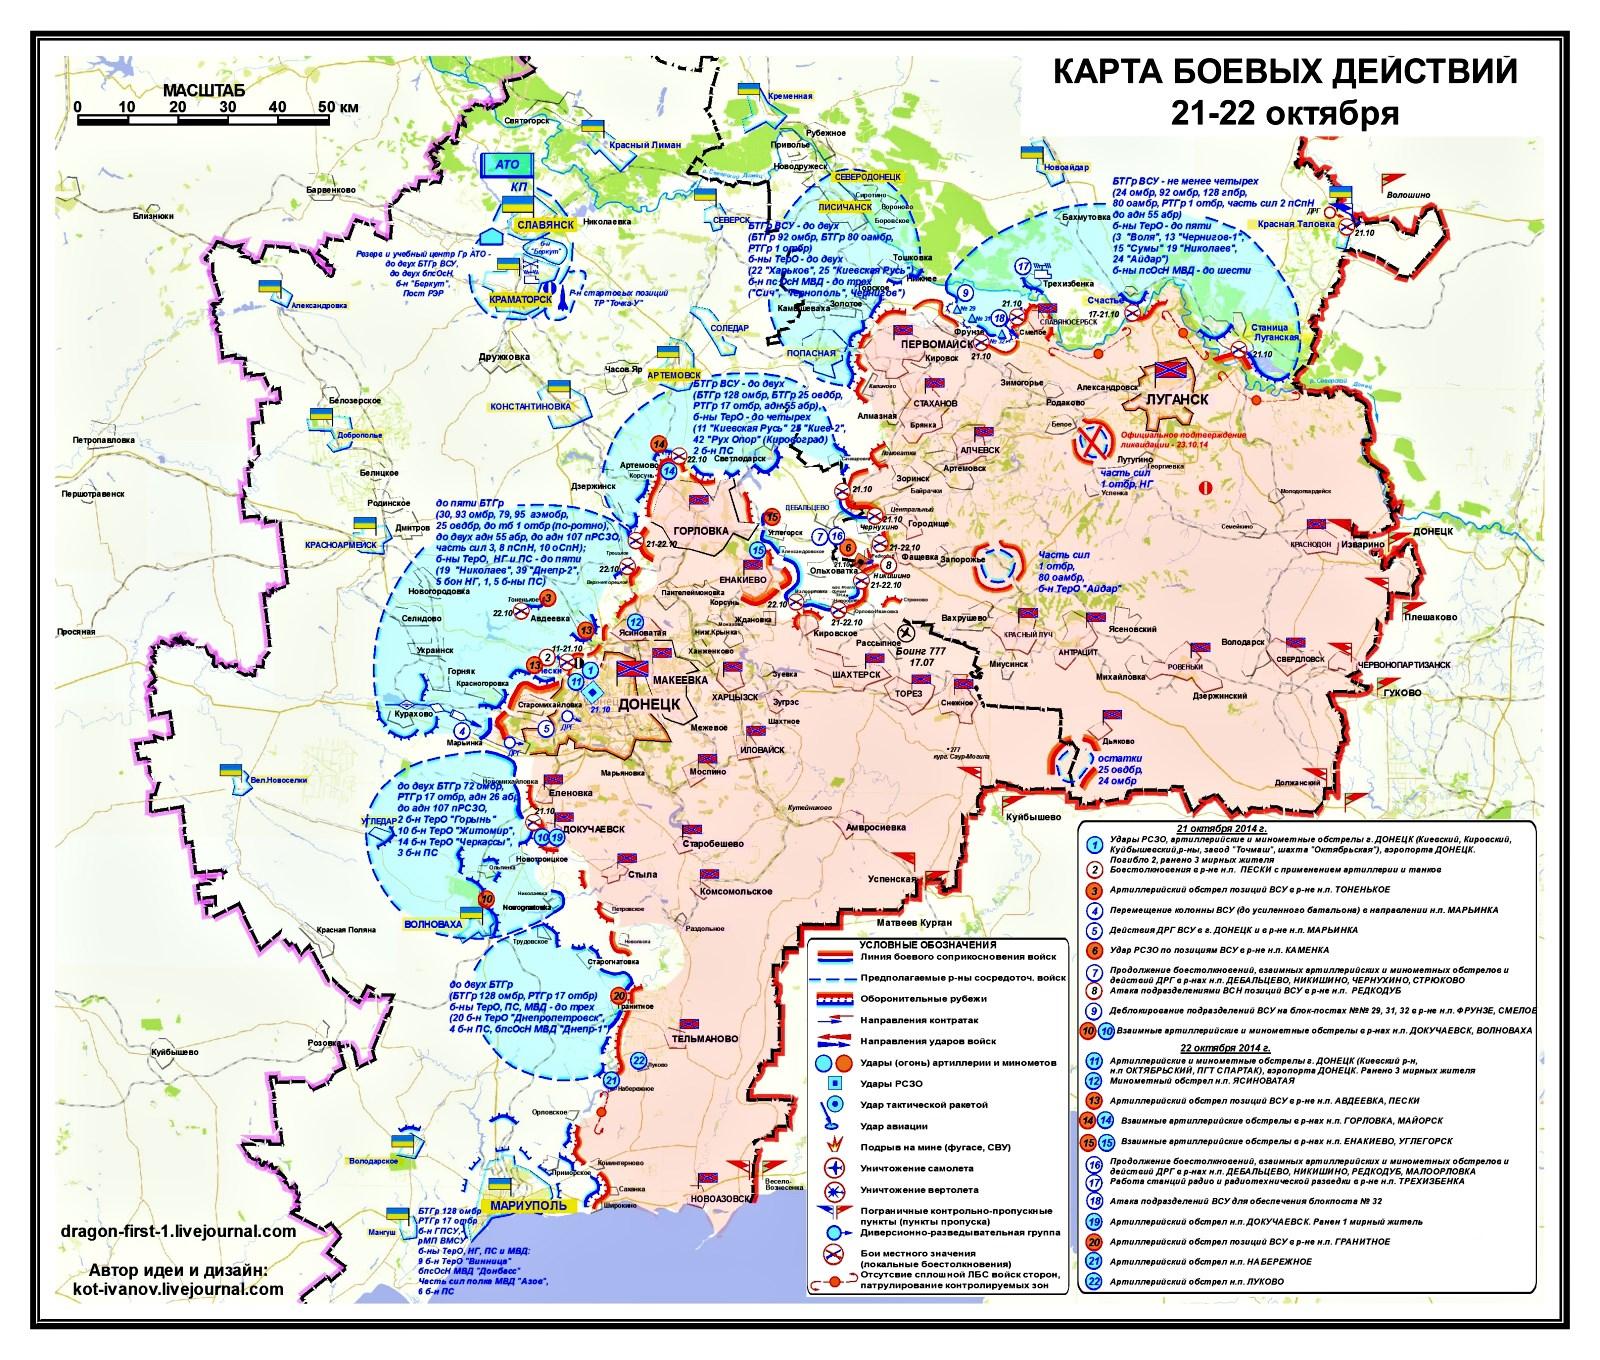 00 novorossiya sitrep map 01. 24.10.14